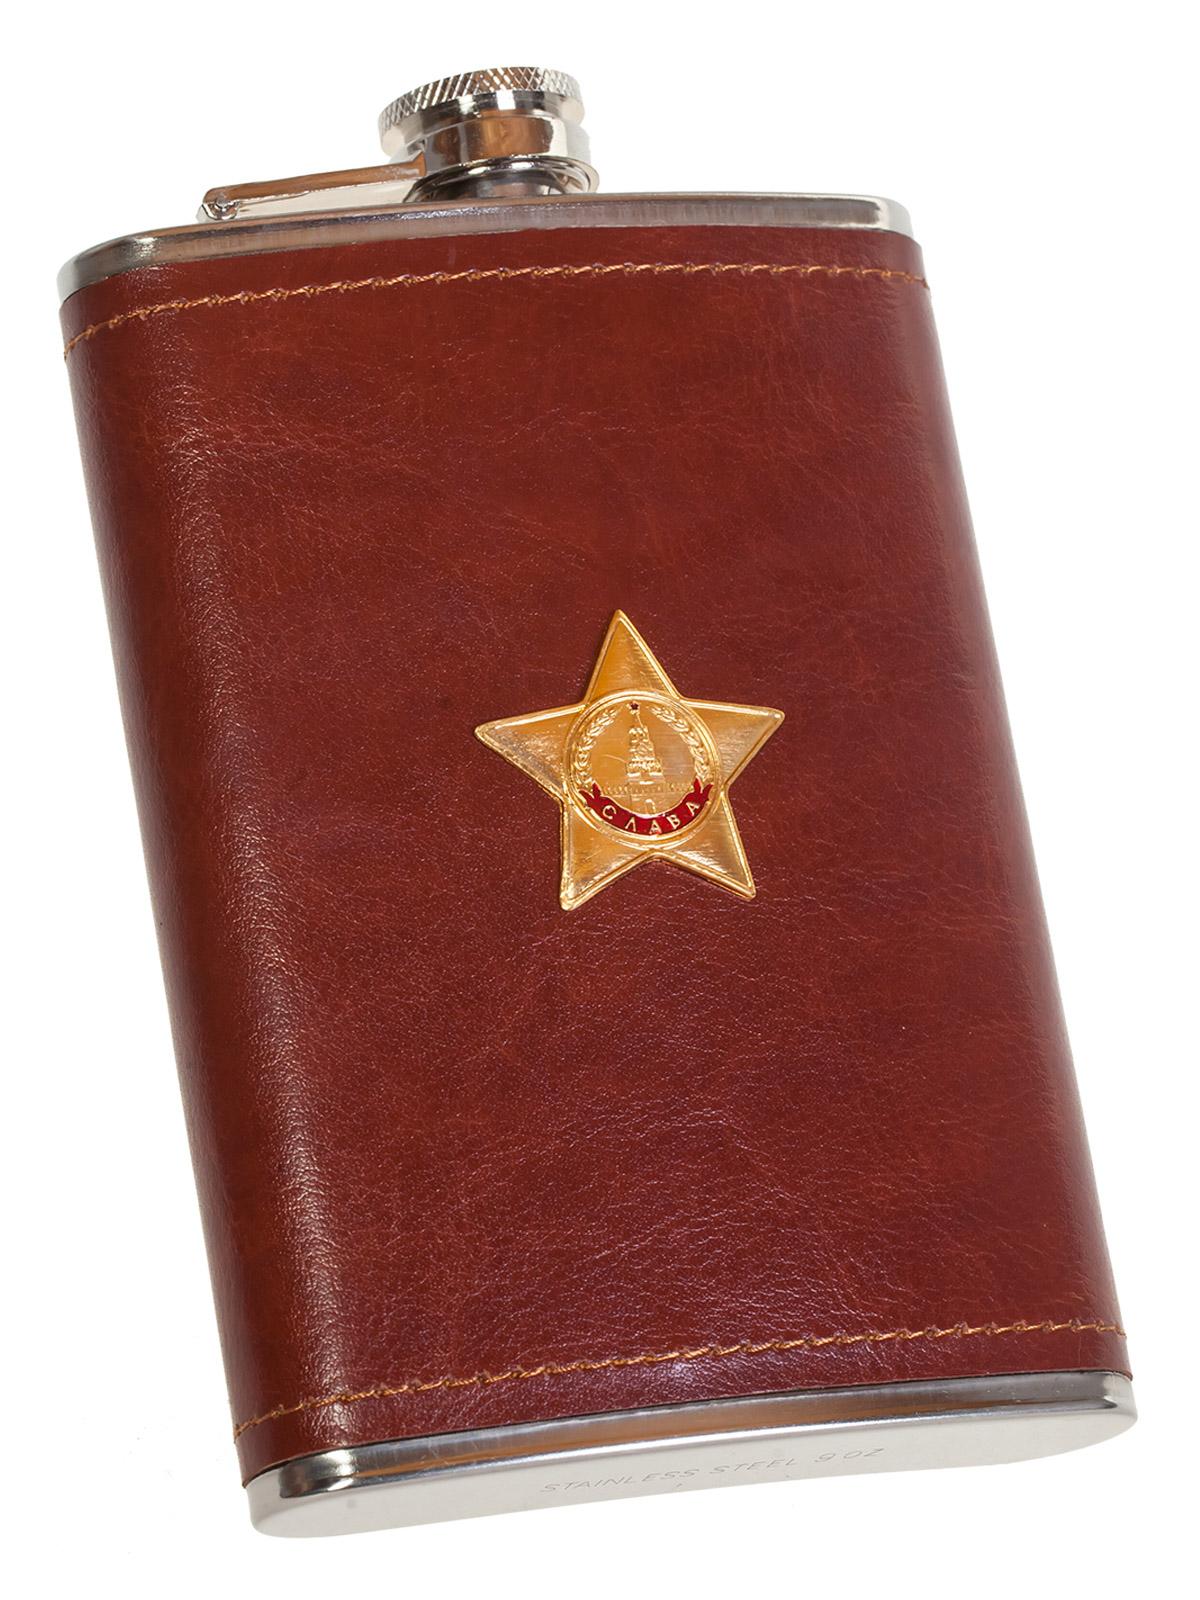 Подарочная фляжка в кожаной оплетке с Орденом Славы - купить онлайн